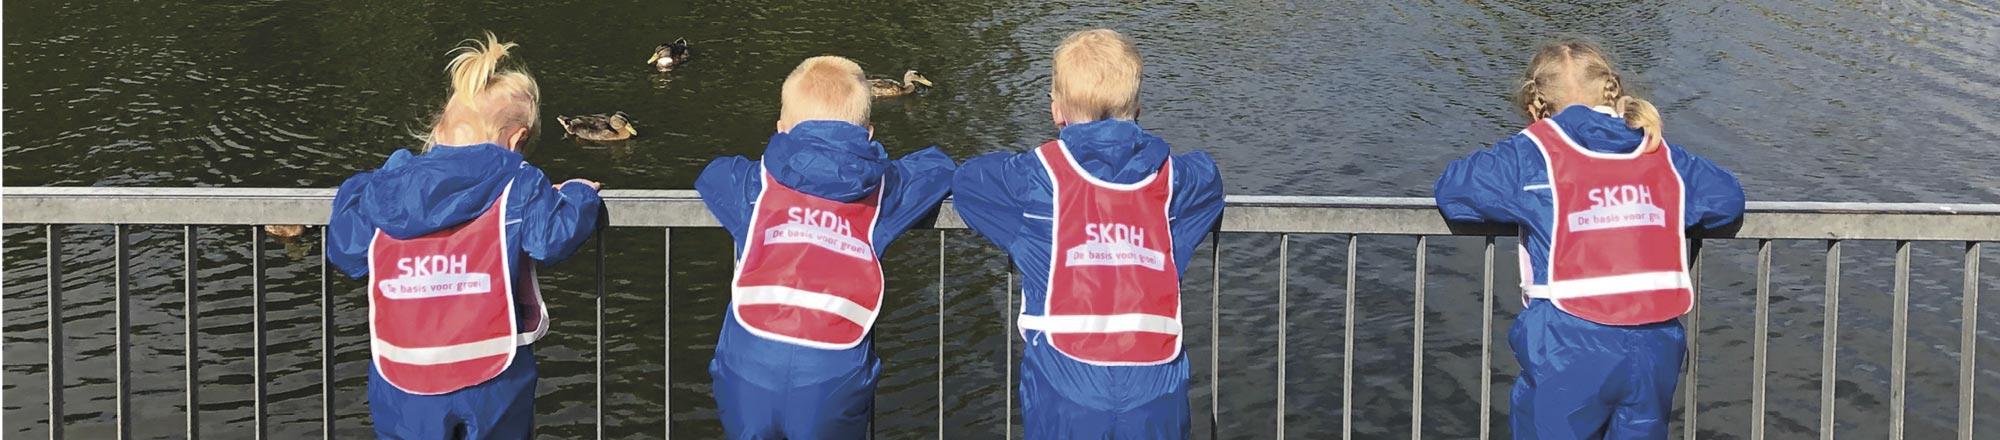 Kinderen staan op de brug